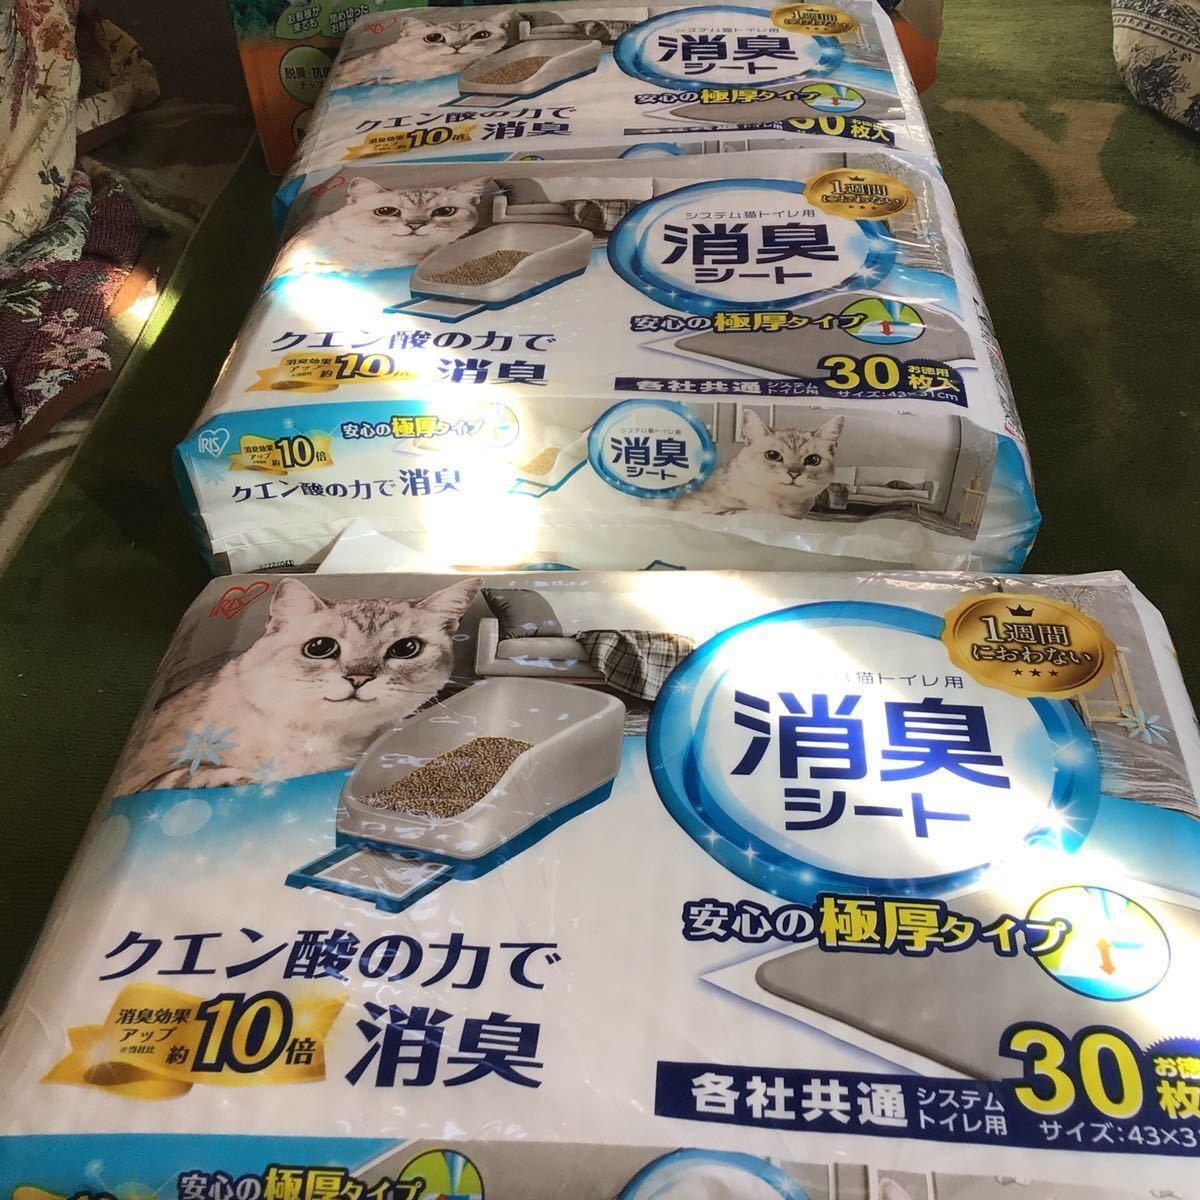 猫用消臭シート クエン酸の力で消臭 安心の極厚タイプ各社共通30枚入りx3パック& システムトイレx1個